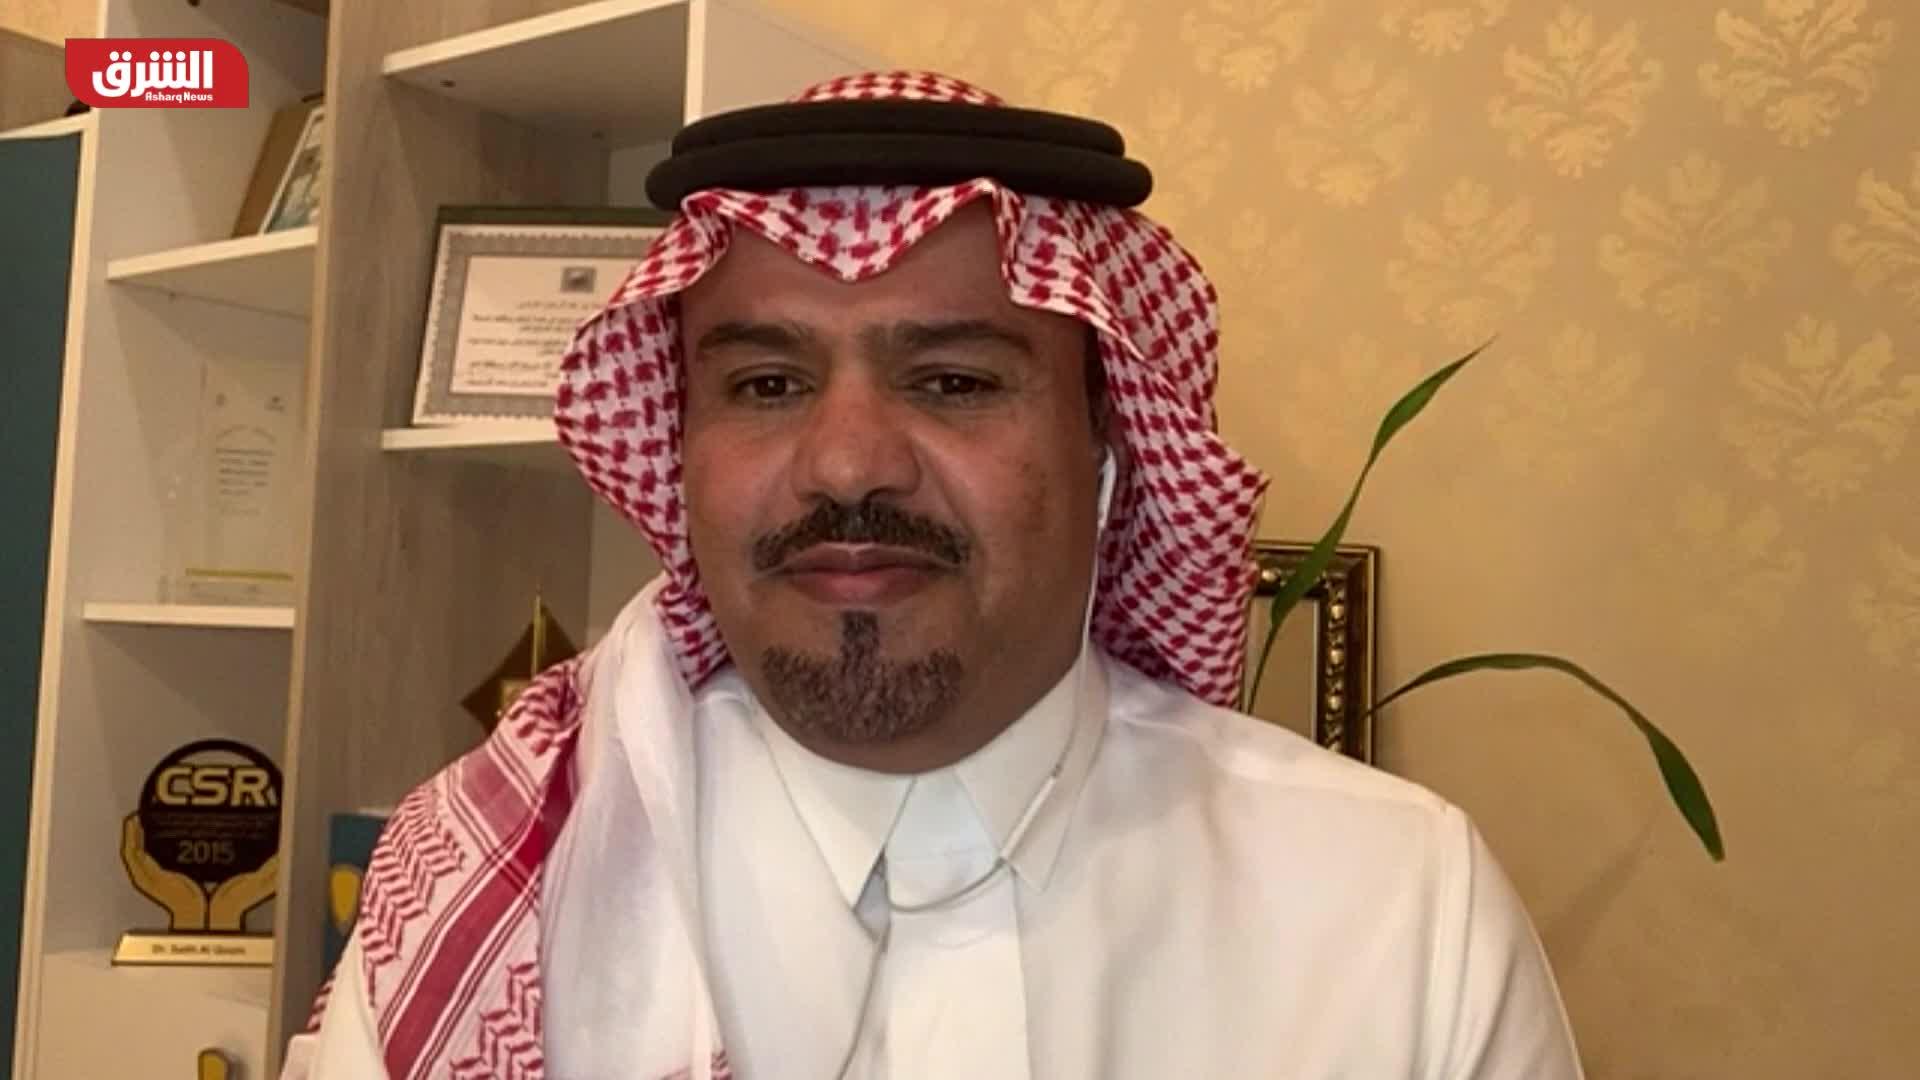 السعودية.. حياد كربوني وطاقة نظيفة